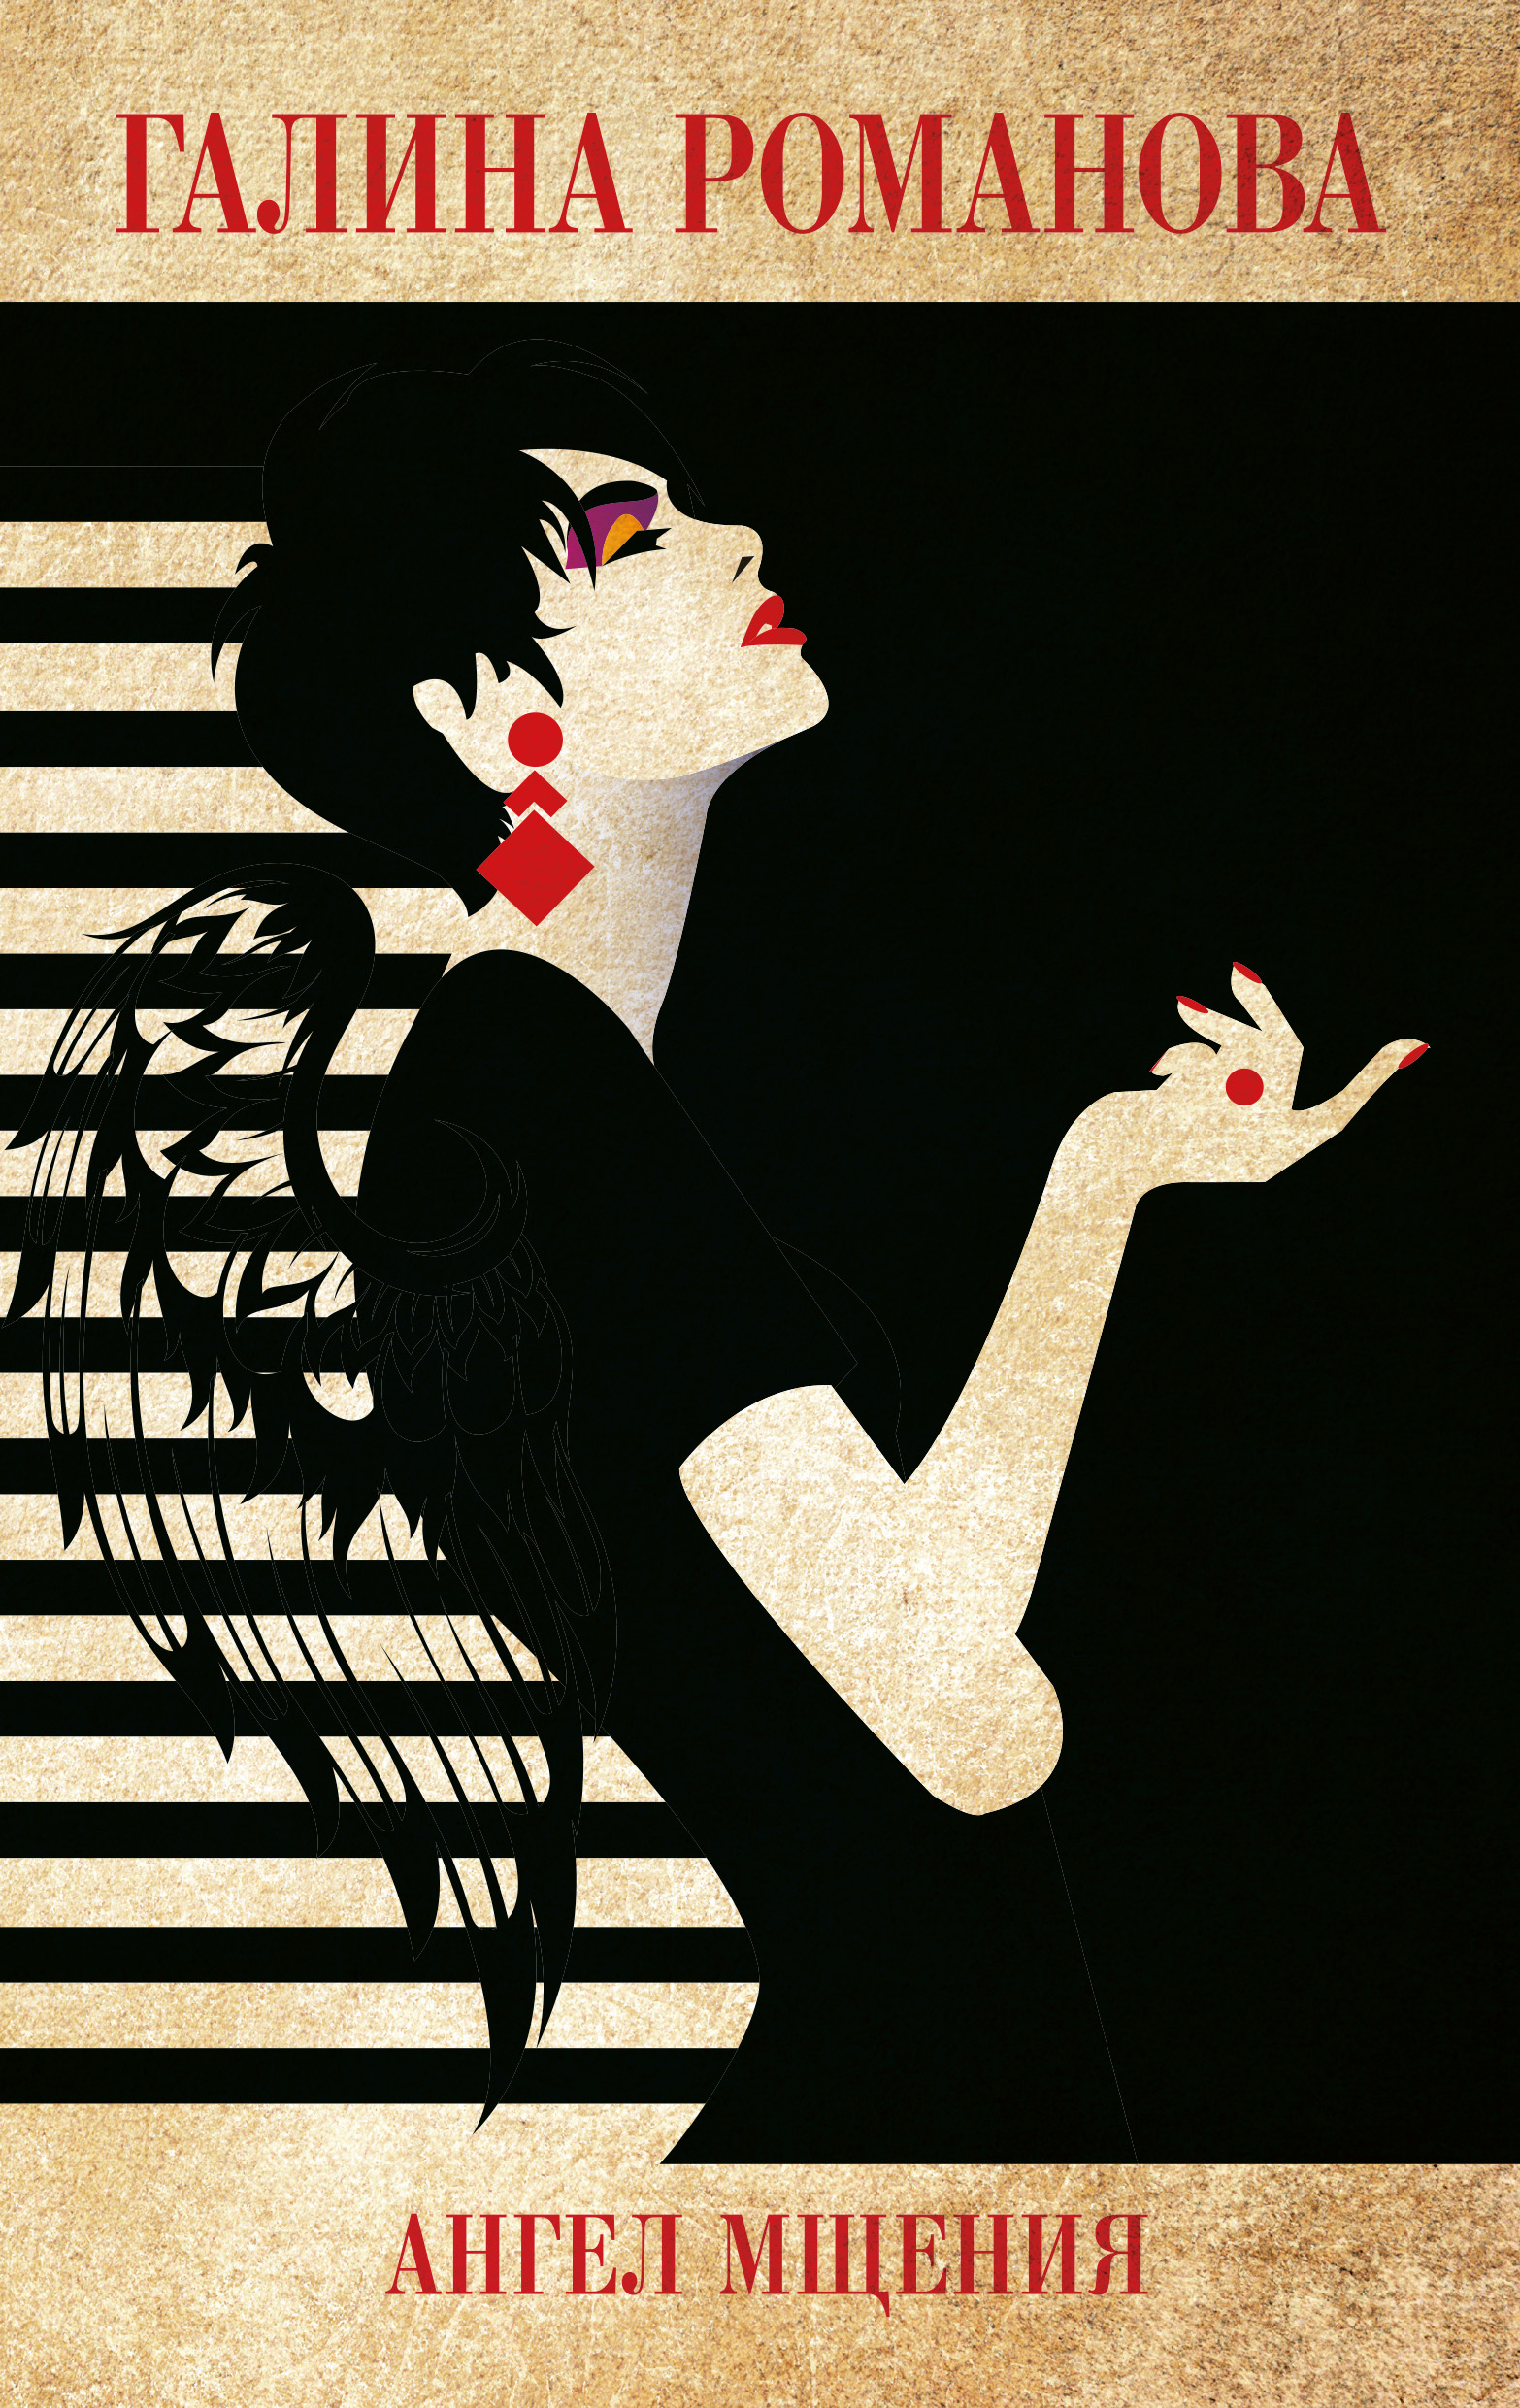 Ангел мщения Галина Романова